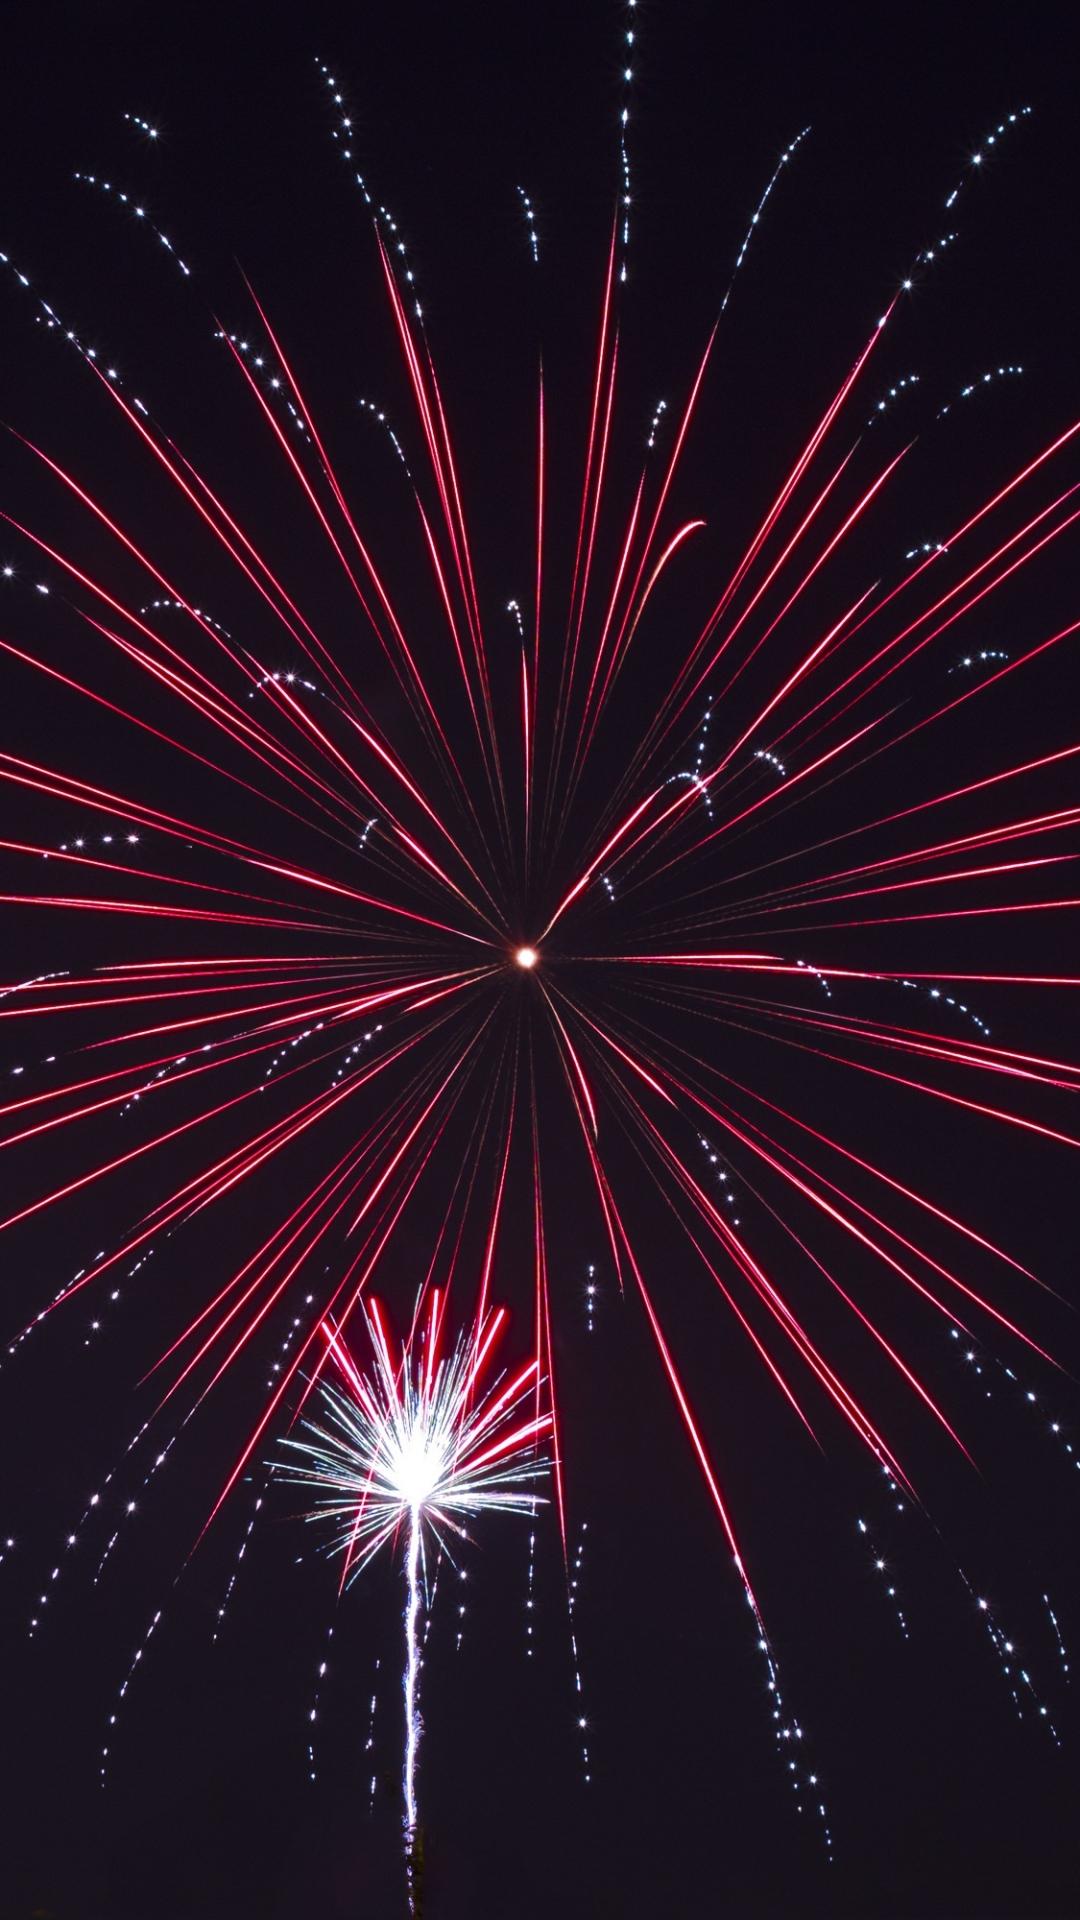 iphone wallpaper fireworks salute holiday 3Wallpapers : notre sélection de fonds décran du 29/08/2017